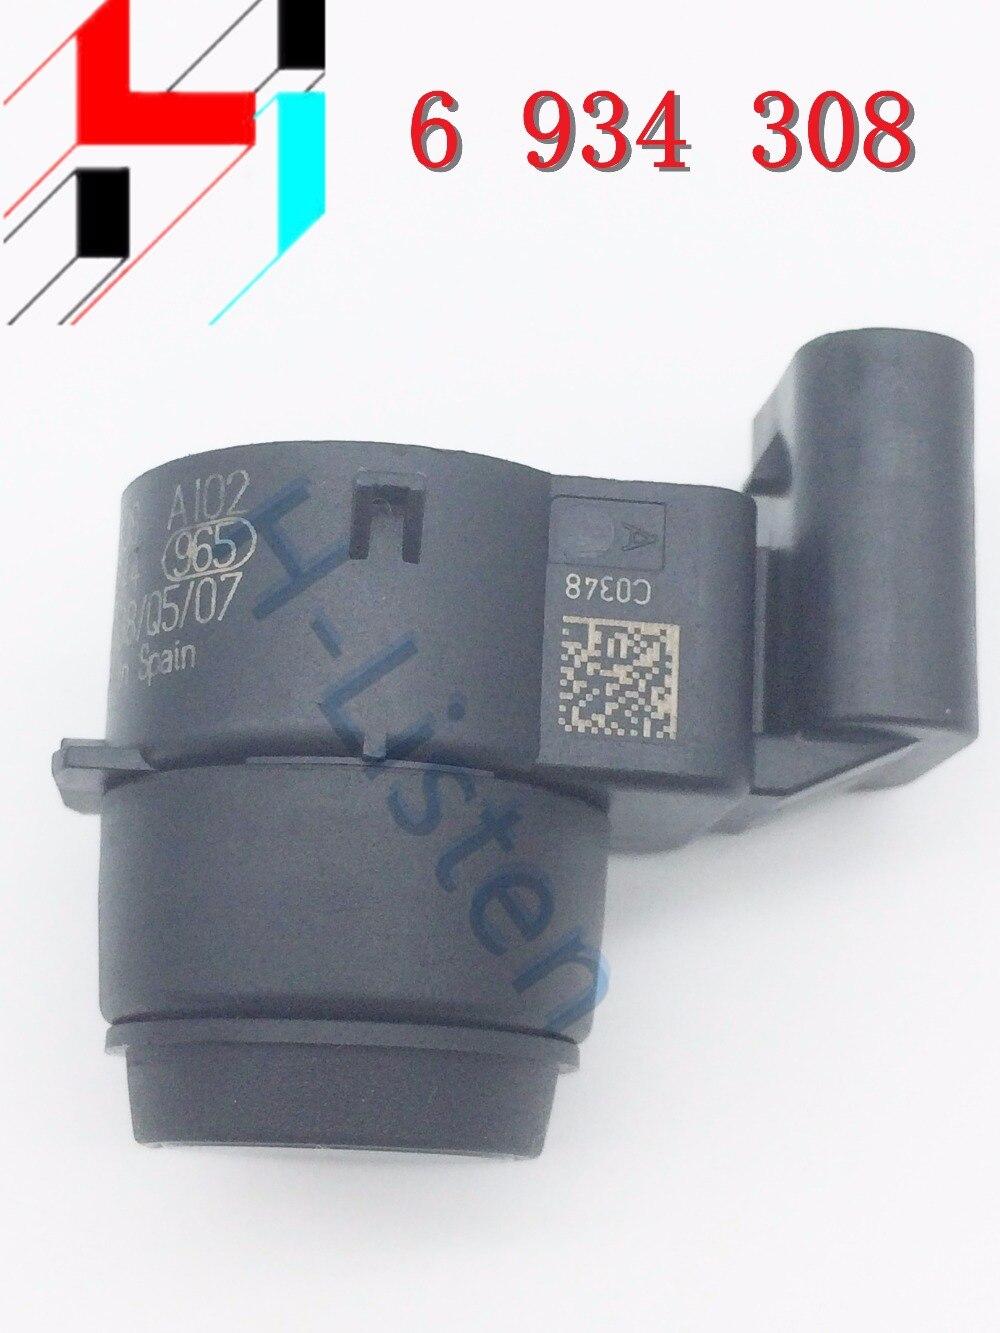 (10 stücke) 66206934308 original auto Parkplatz PDC Sensor 6934308A102 Umkehr Radar Für E84 Z4 E89 R50 R53 R55 R56 R57 6934308